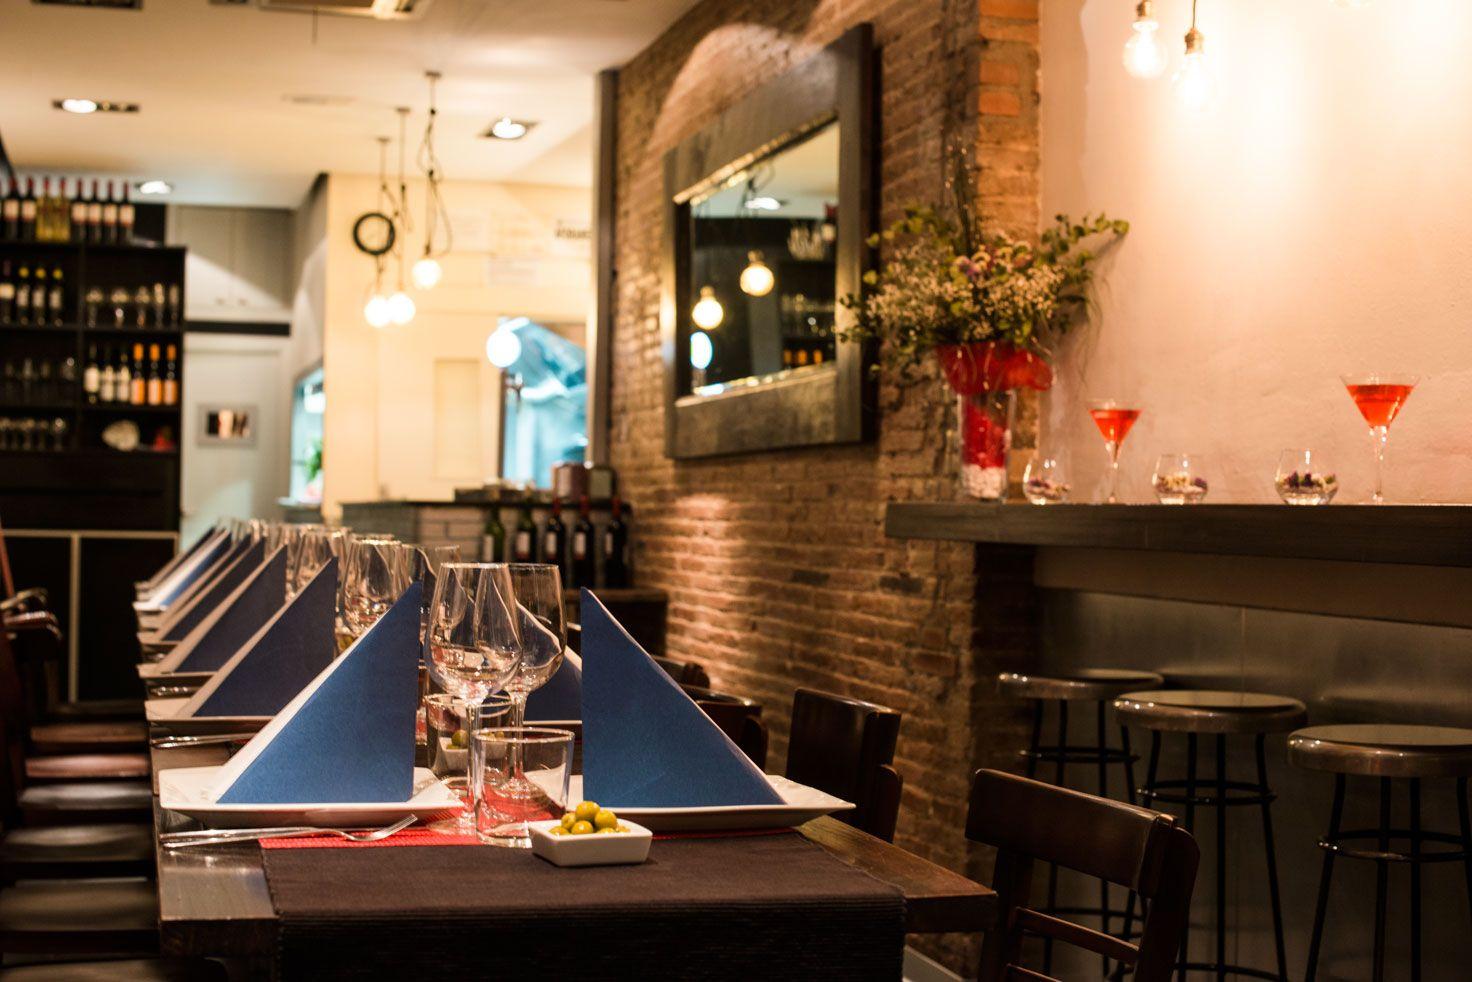 Hacemos reservas y menús para grupos mas grandes. Adaptamos nuestro espacio para su máxima comodidad.